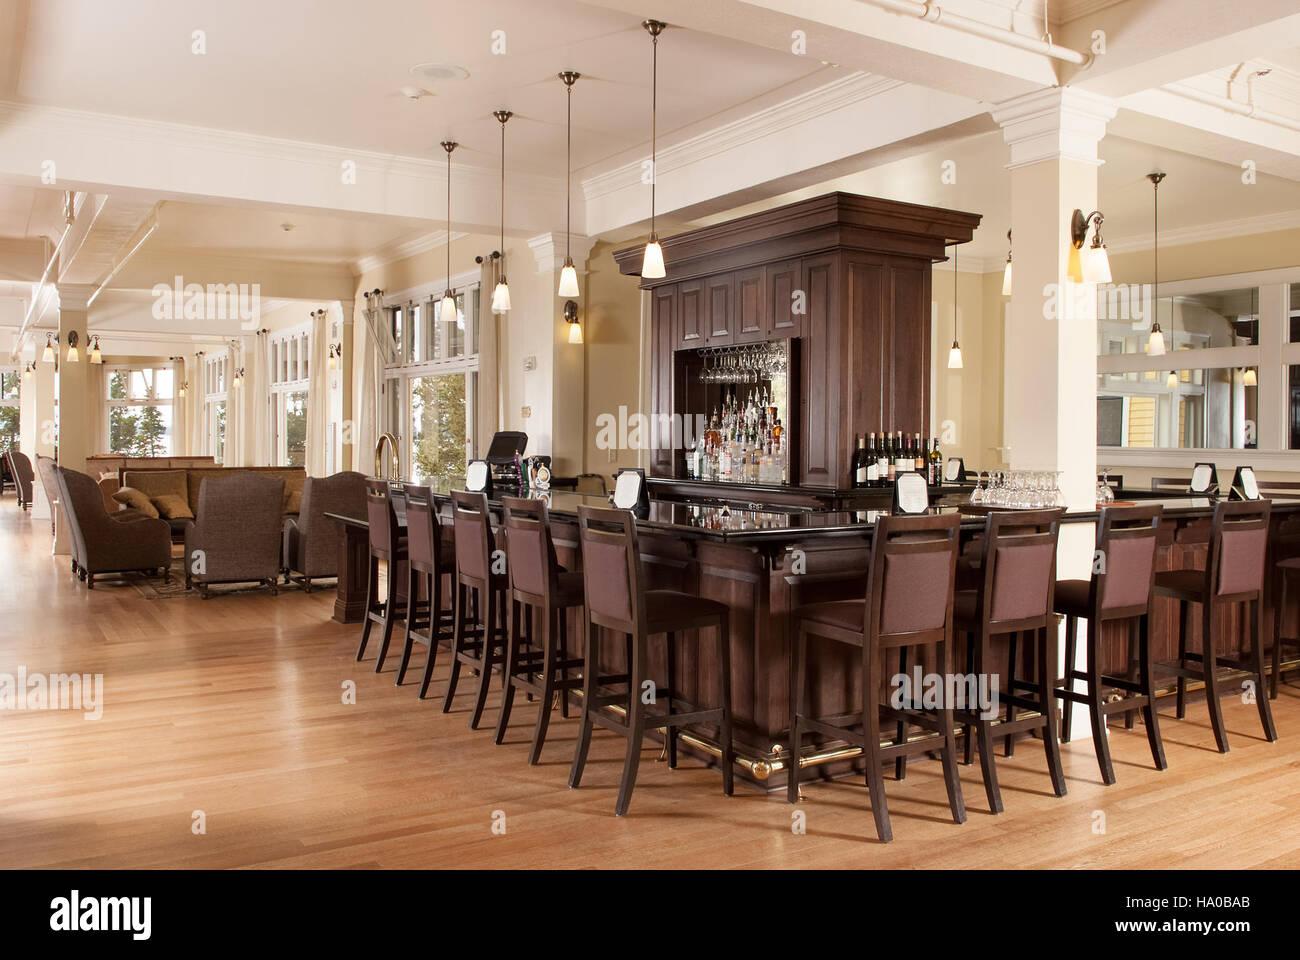 Yellowstonenps 17158001211 Lake Yellowstone Hotel Bar (3)   Stock Image